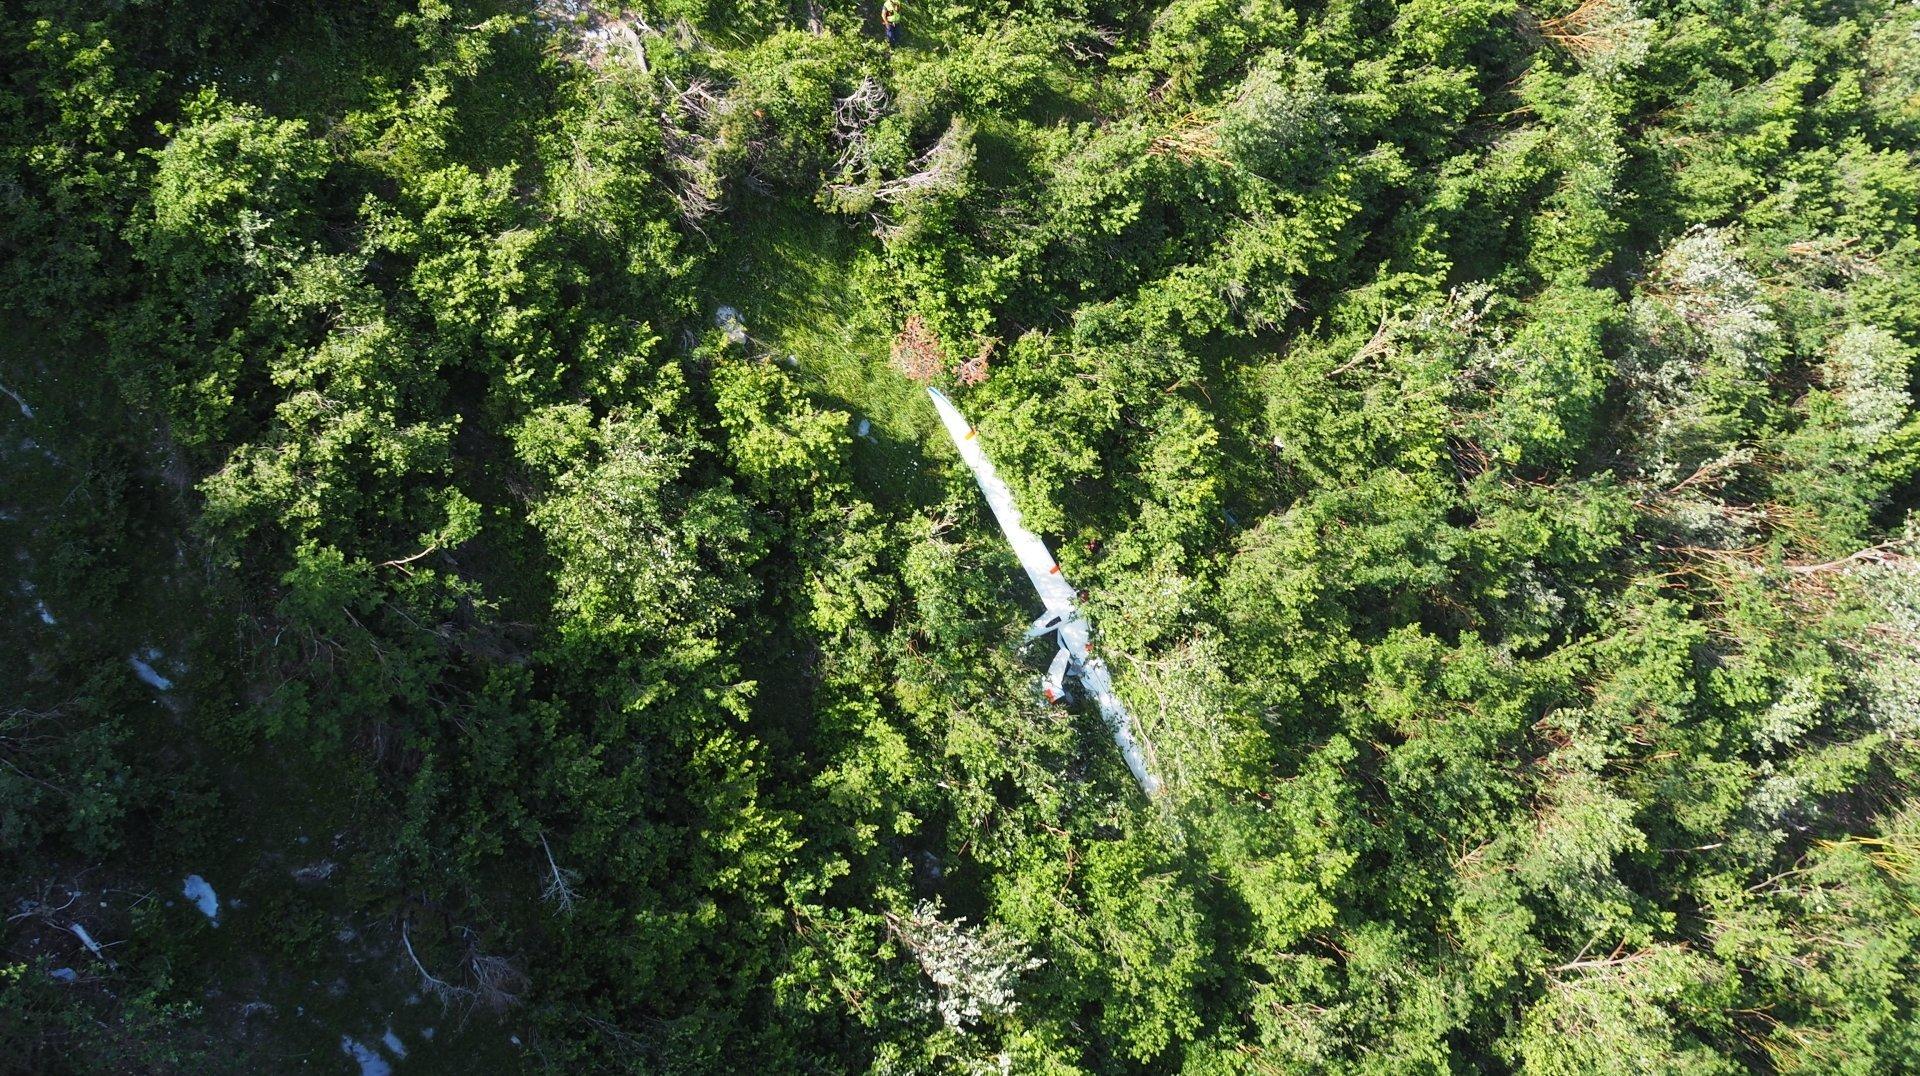 L'engin s'est écrasé dans le secteur de l'alpage de Flore, sur les hauts de Conthey.